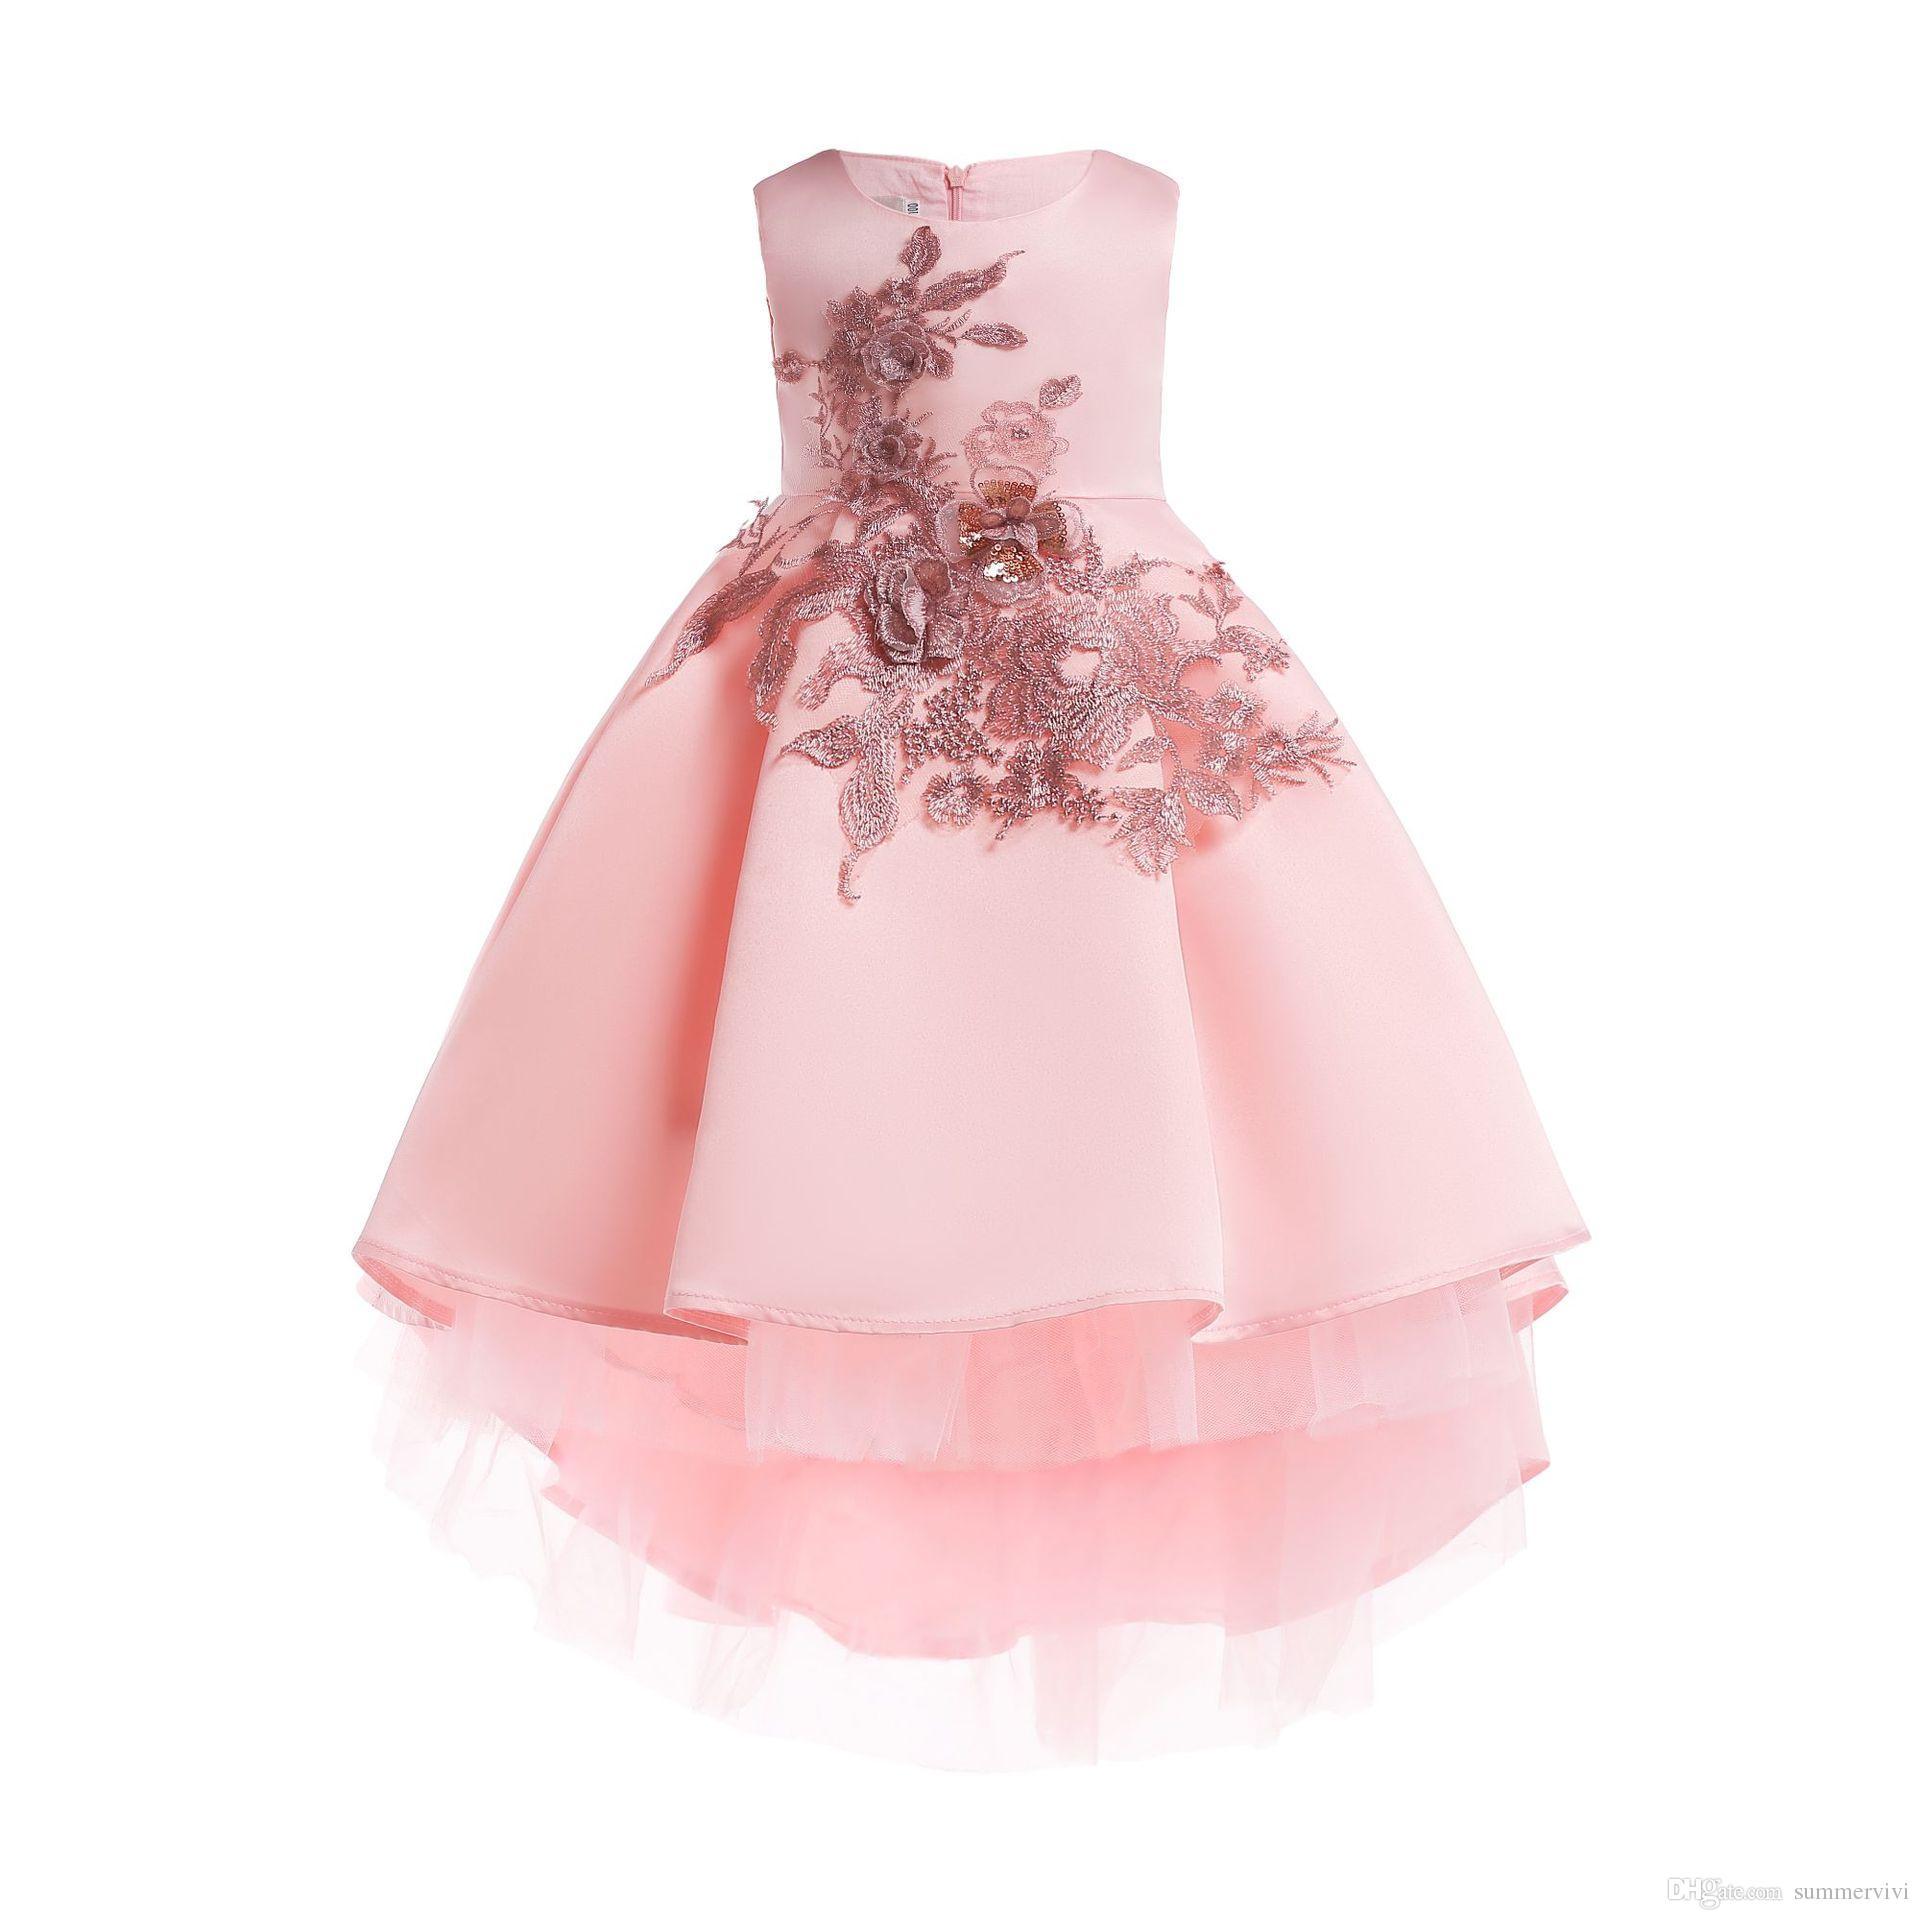 655bf13c79942e Boutique meninas vestidos de festa crianças lantejoulas estéreo flor  bordados vestido de princesa crianças fita arcos cinto vestido de cauda de  ...